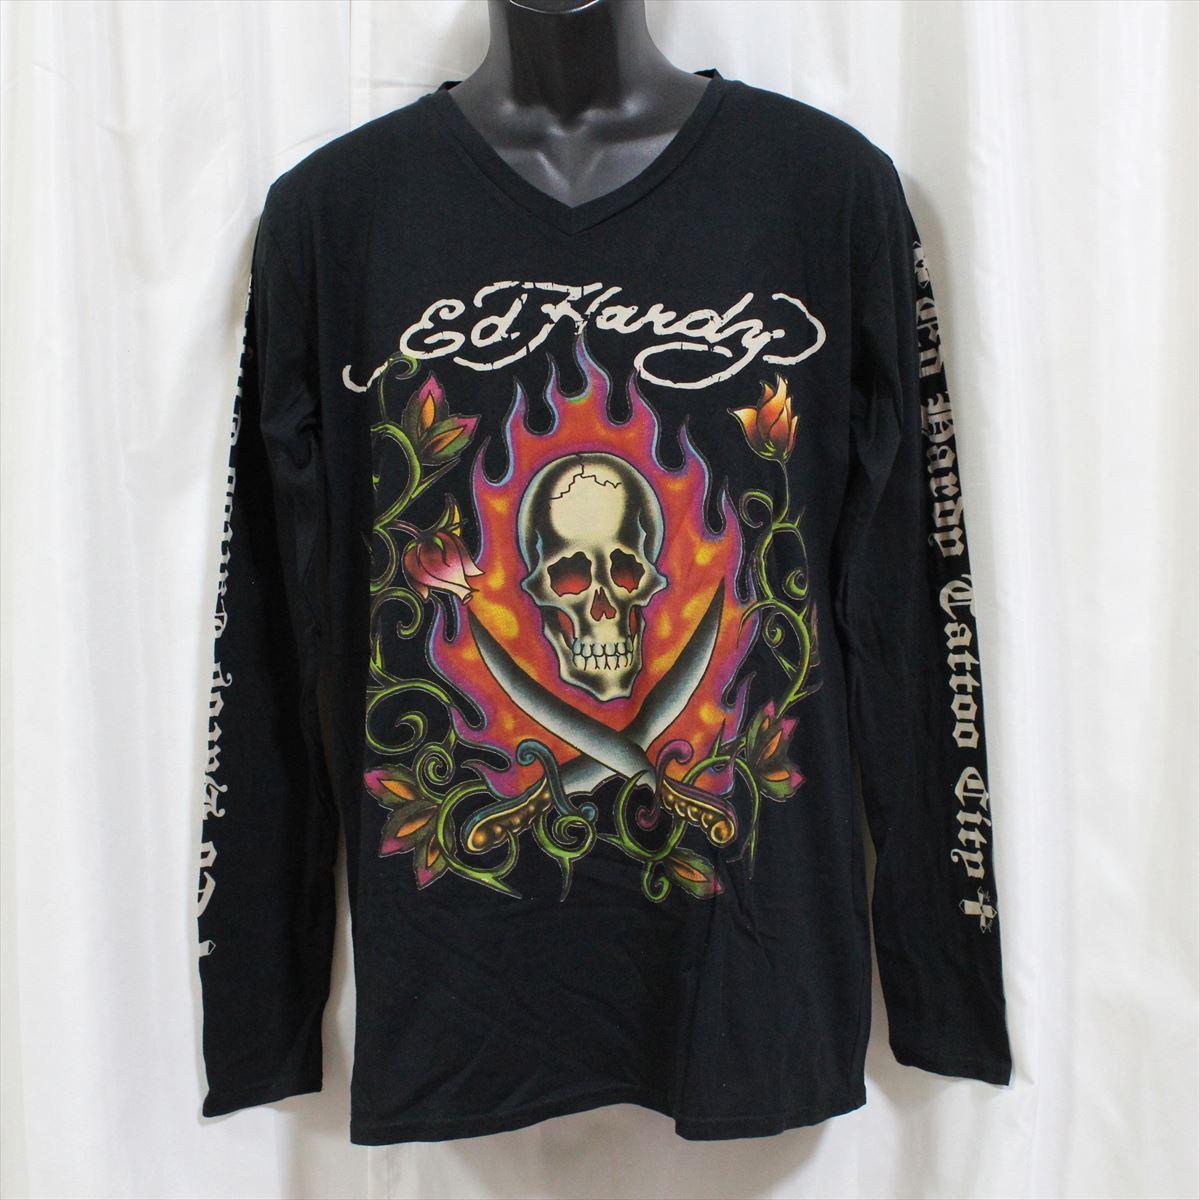 エドハーディー ED HARDY メンズ長袖Tシャツ ブラック Lサイズ M03GTC303 新品 Vネック 黒_画像1